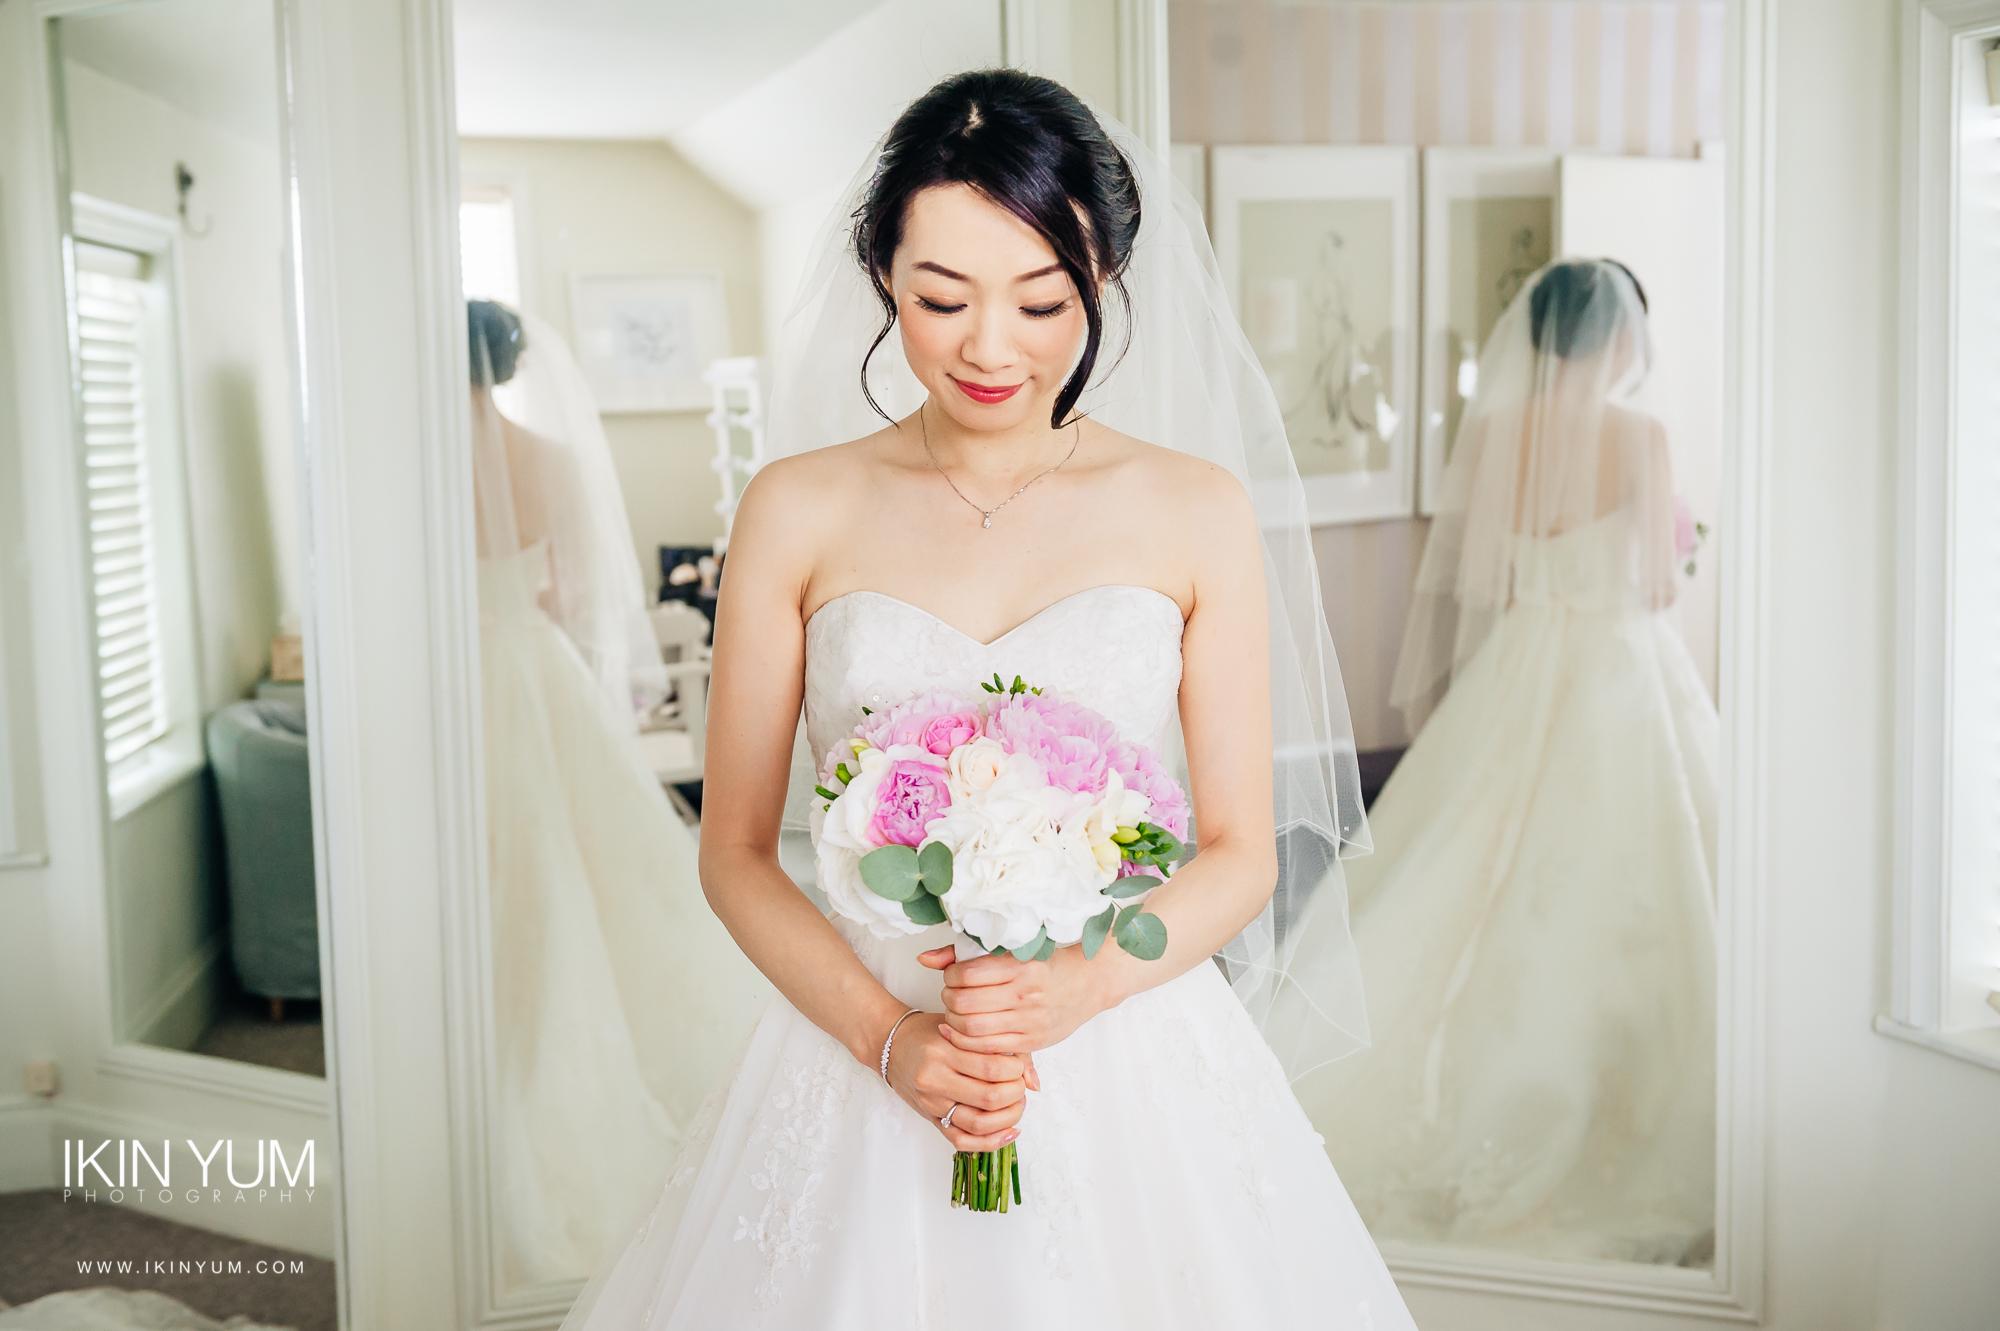 Sylvianne & Chun Wedding Day - Ikin Yum Photography-070.jpg